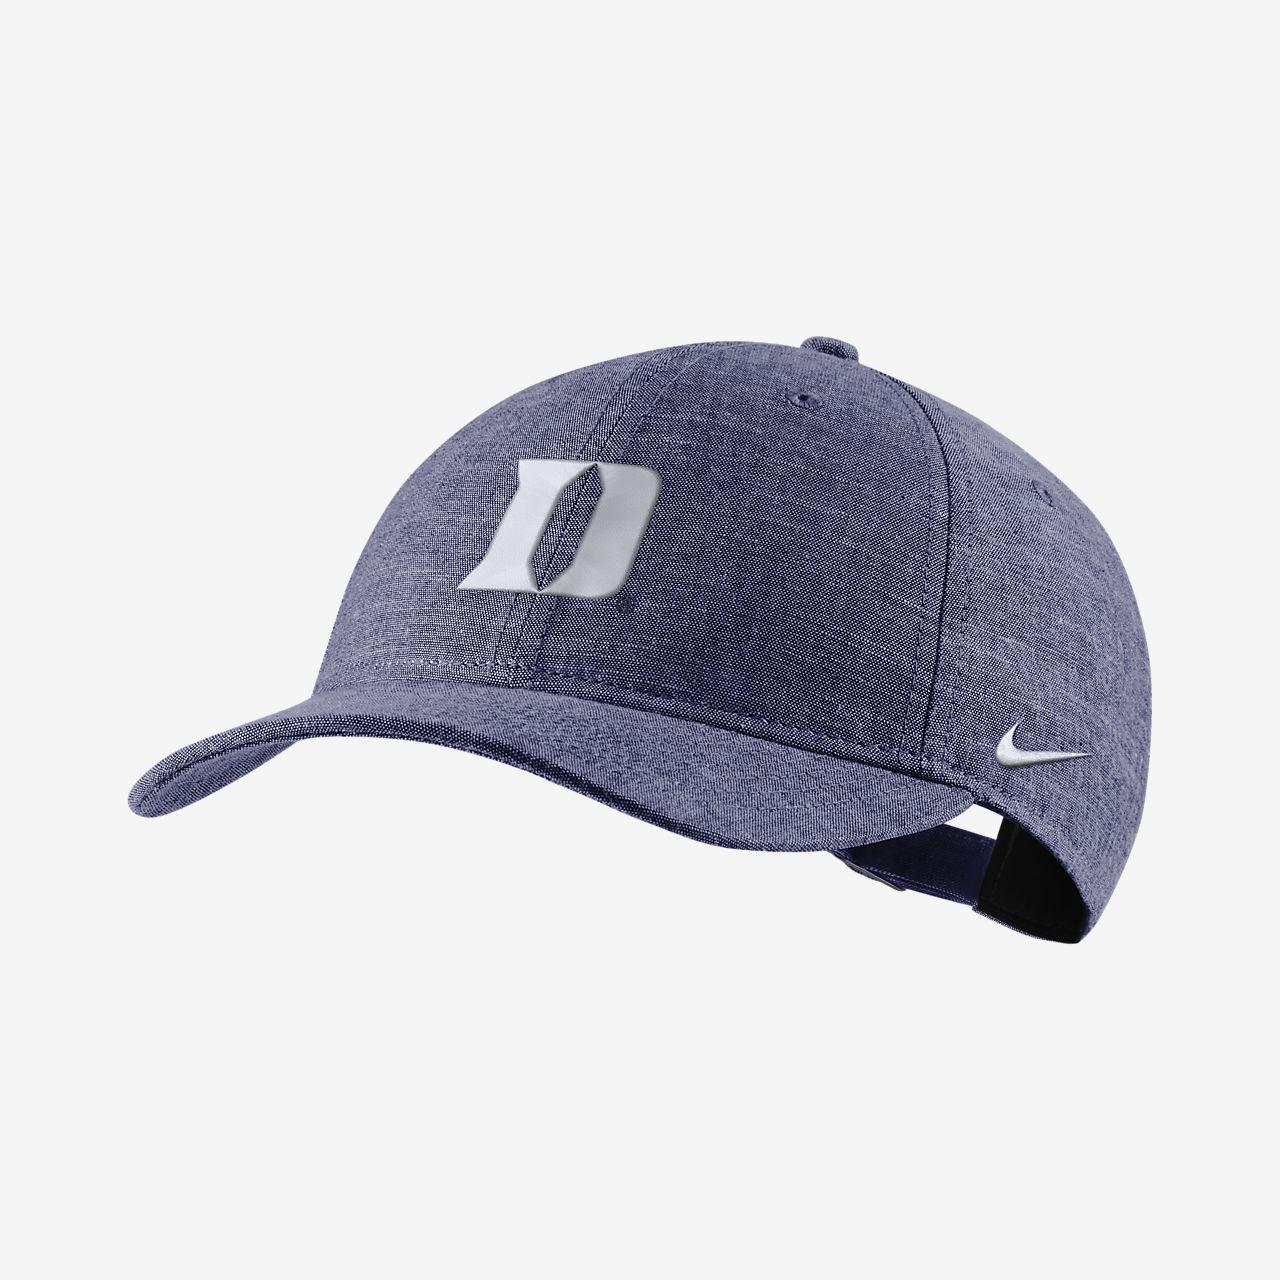 Nike College Legacy91 (Duke) Cap